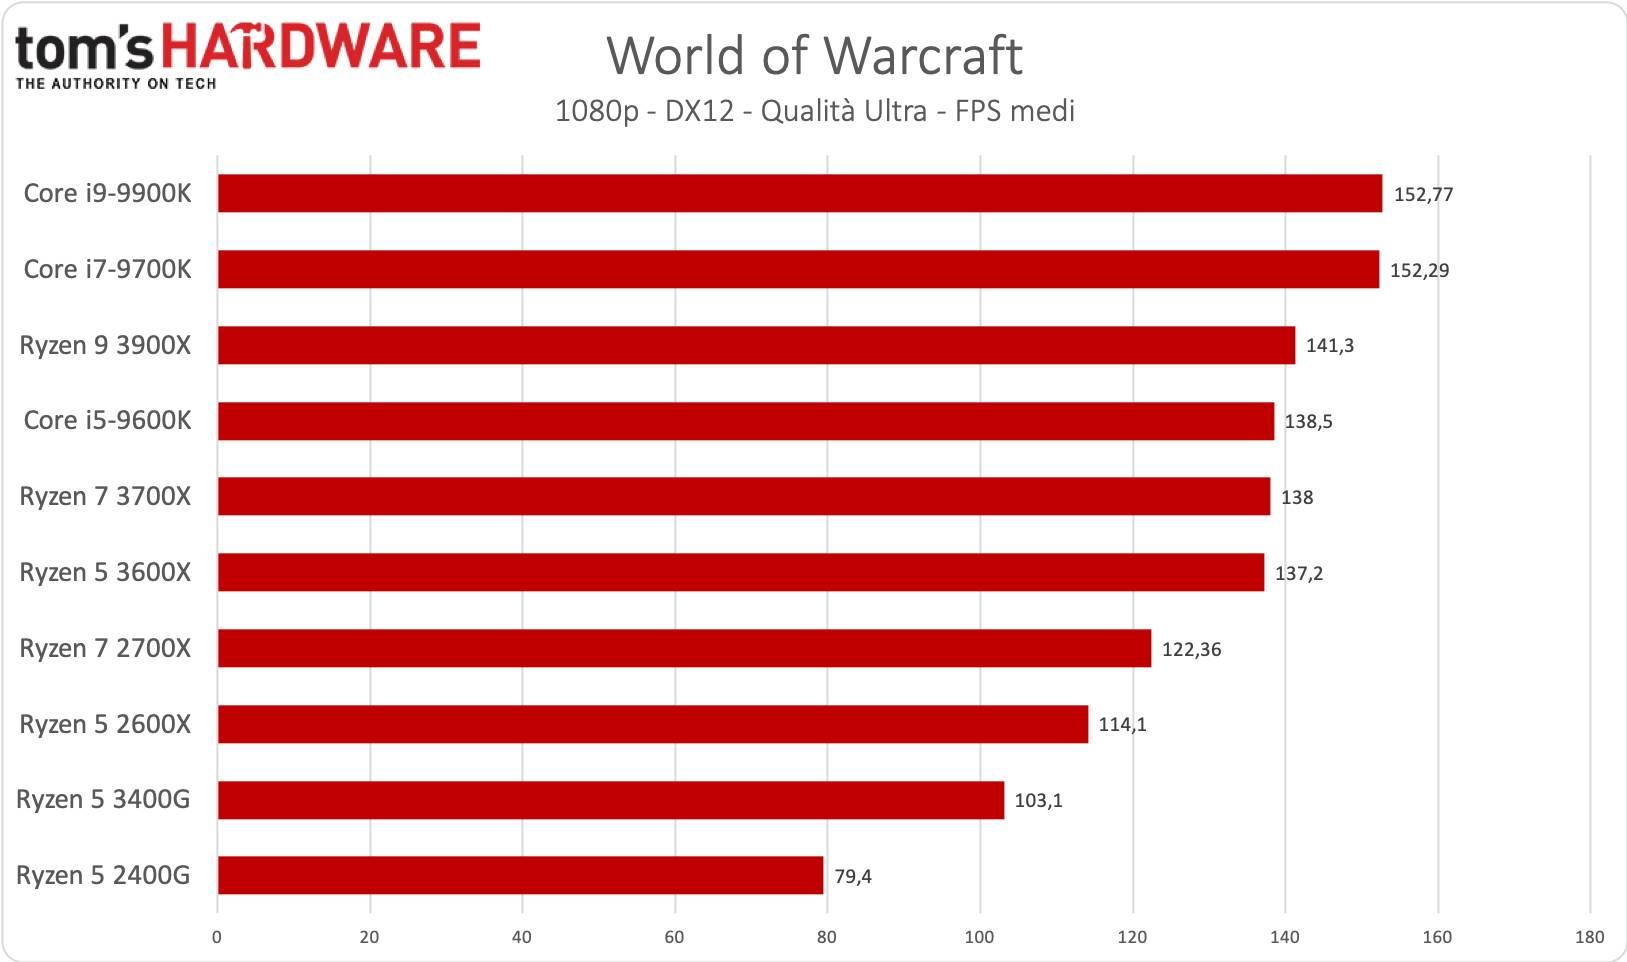 Ryzen 5 3400G - World of Warcraft